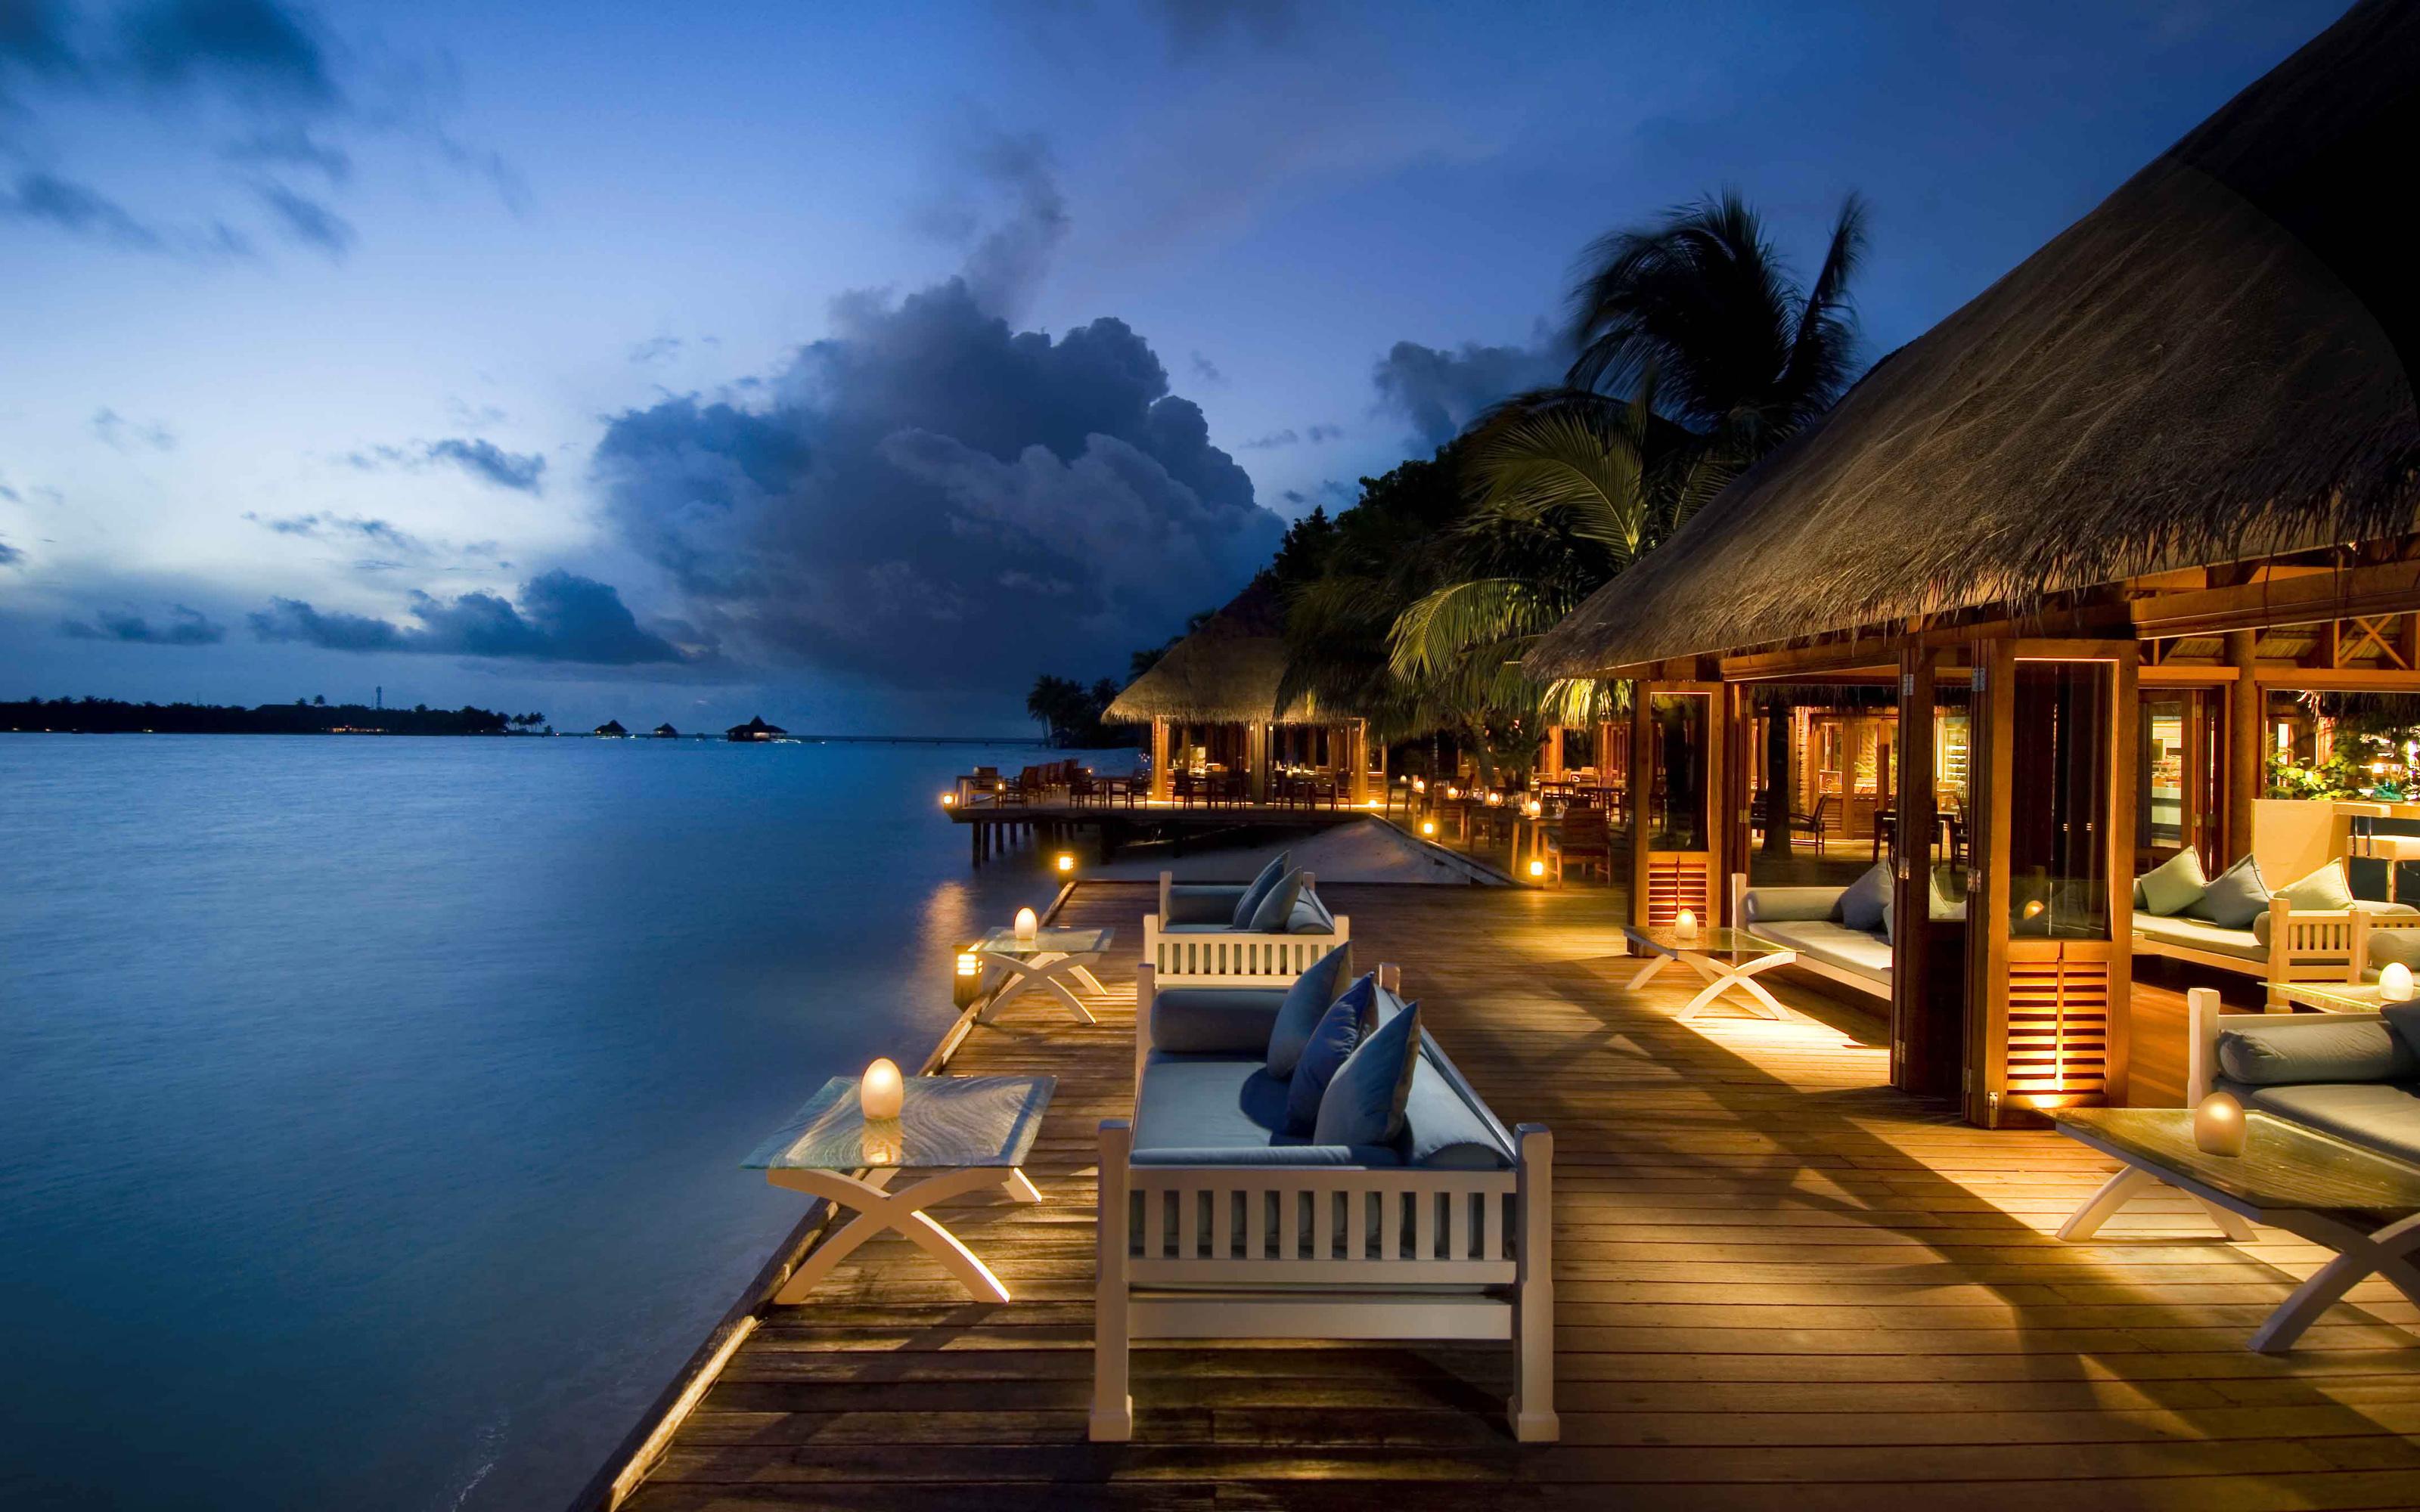 بالصور صور جزر المالديف , الطبيعه الساحرة لجزر المالديف 2479 2